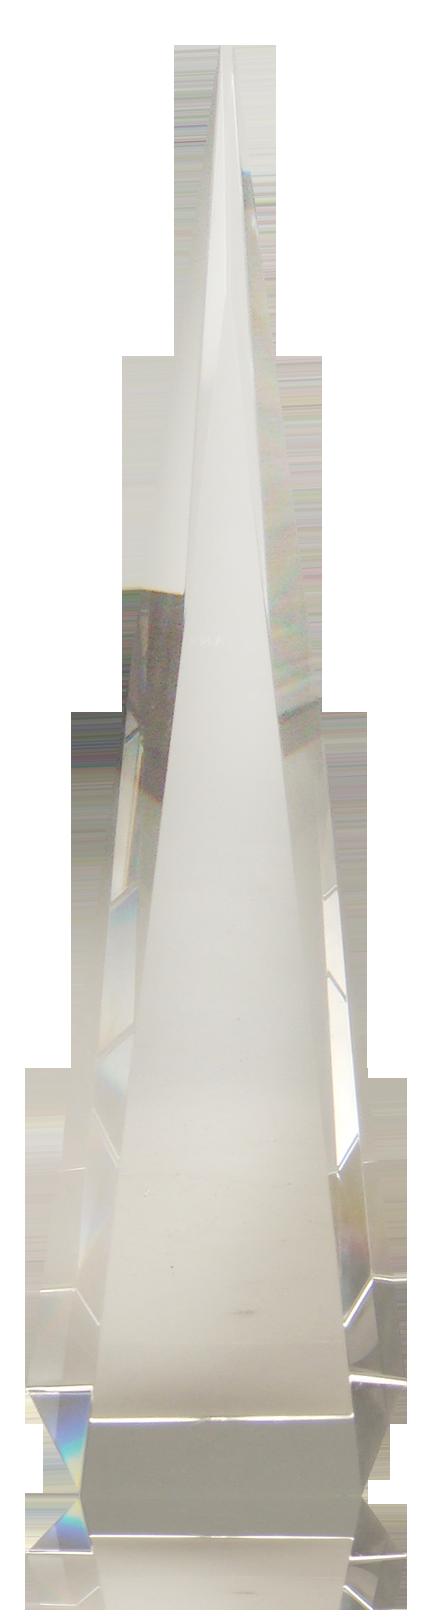 Crystal Steeple